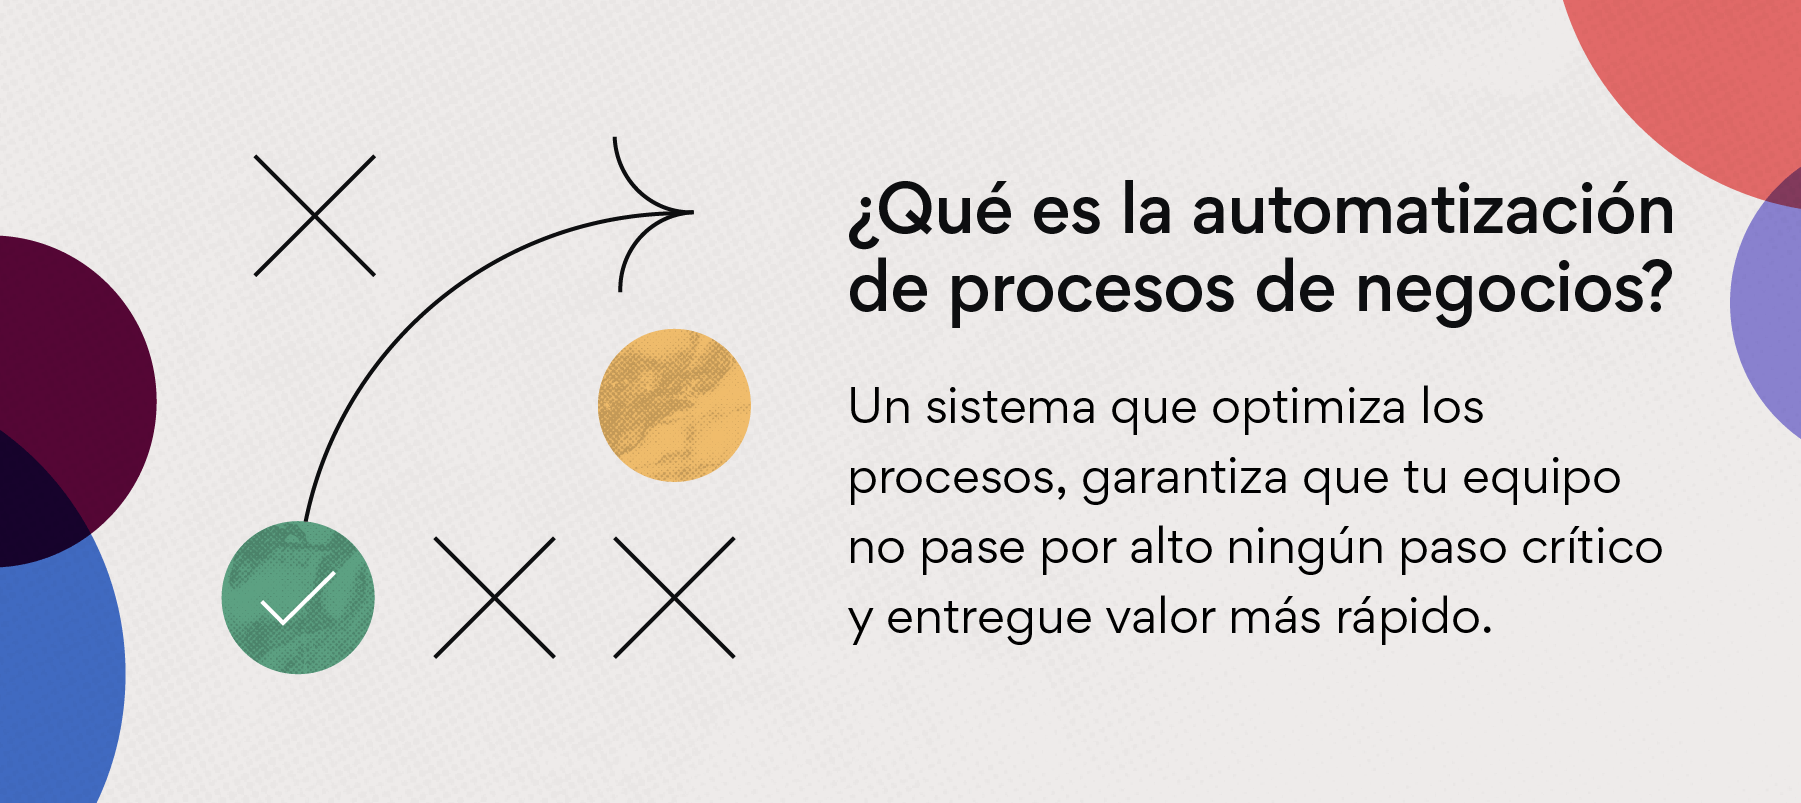 ¿Qué es la automatización de procesos de negocios?